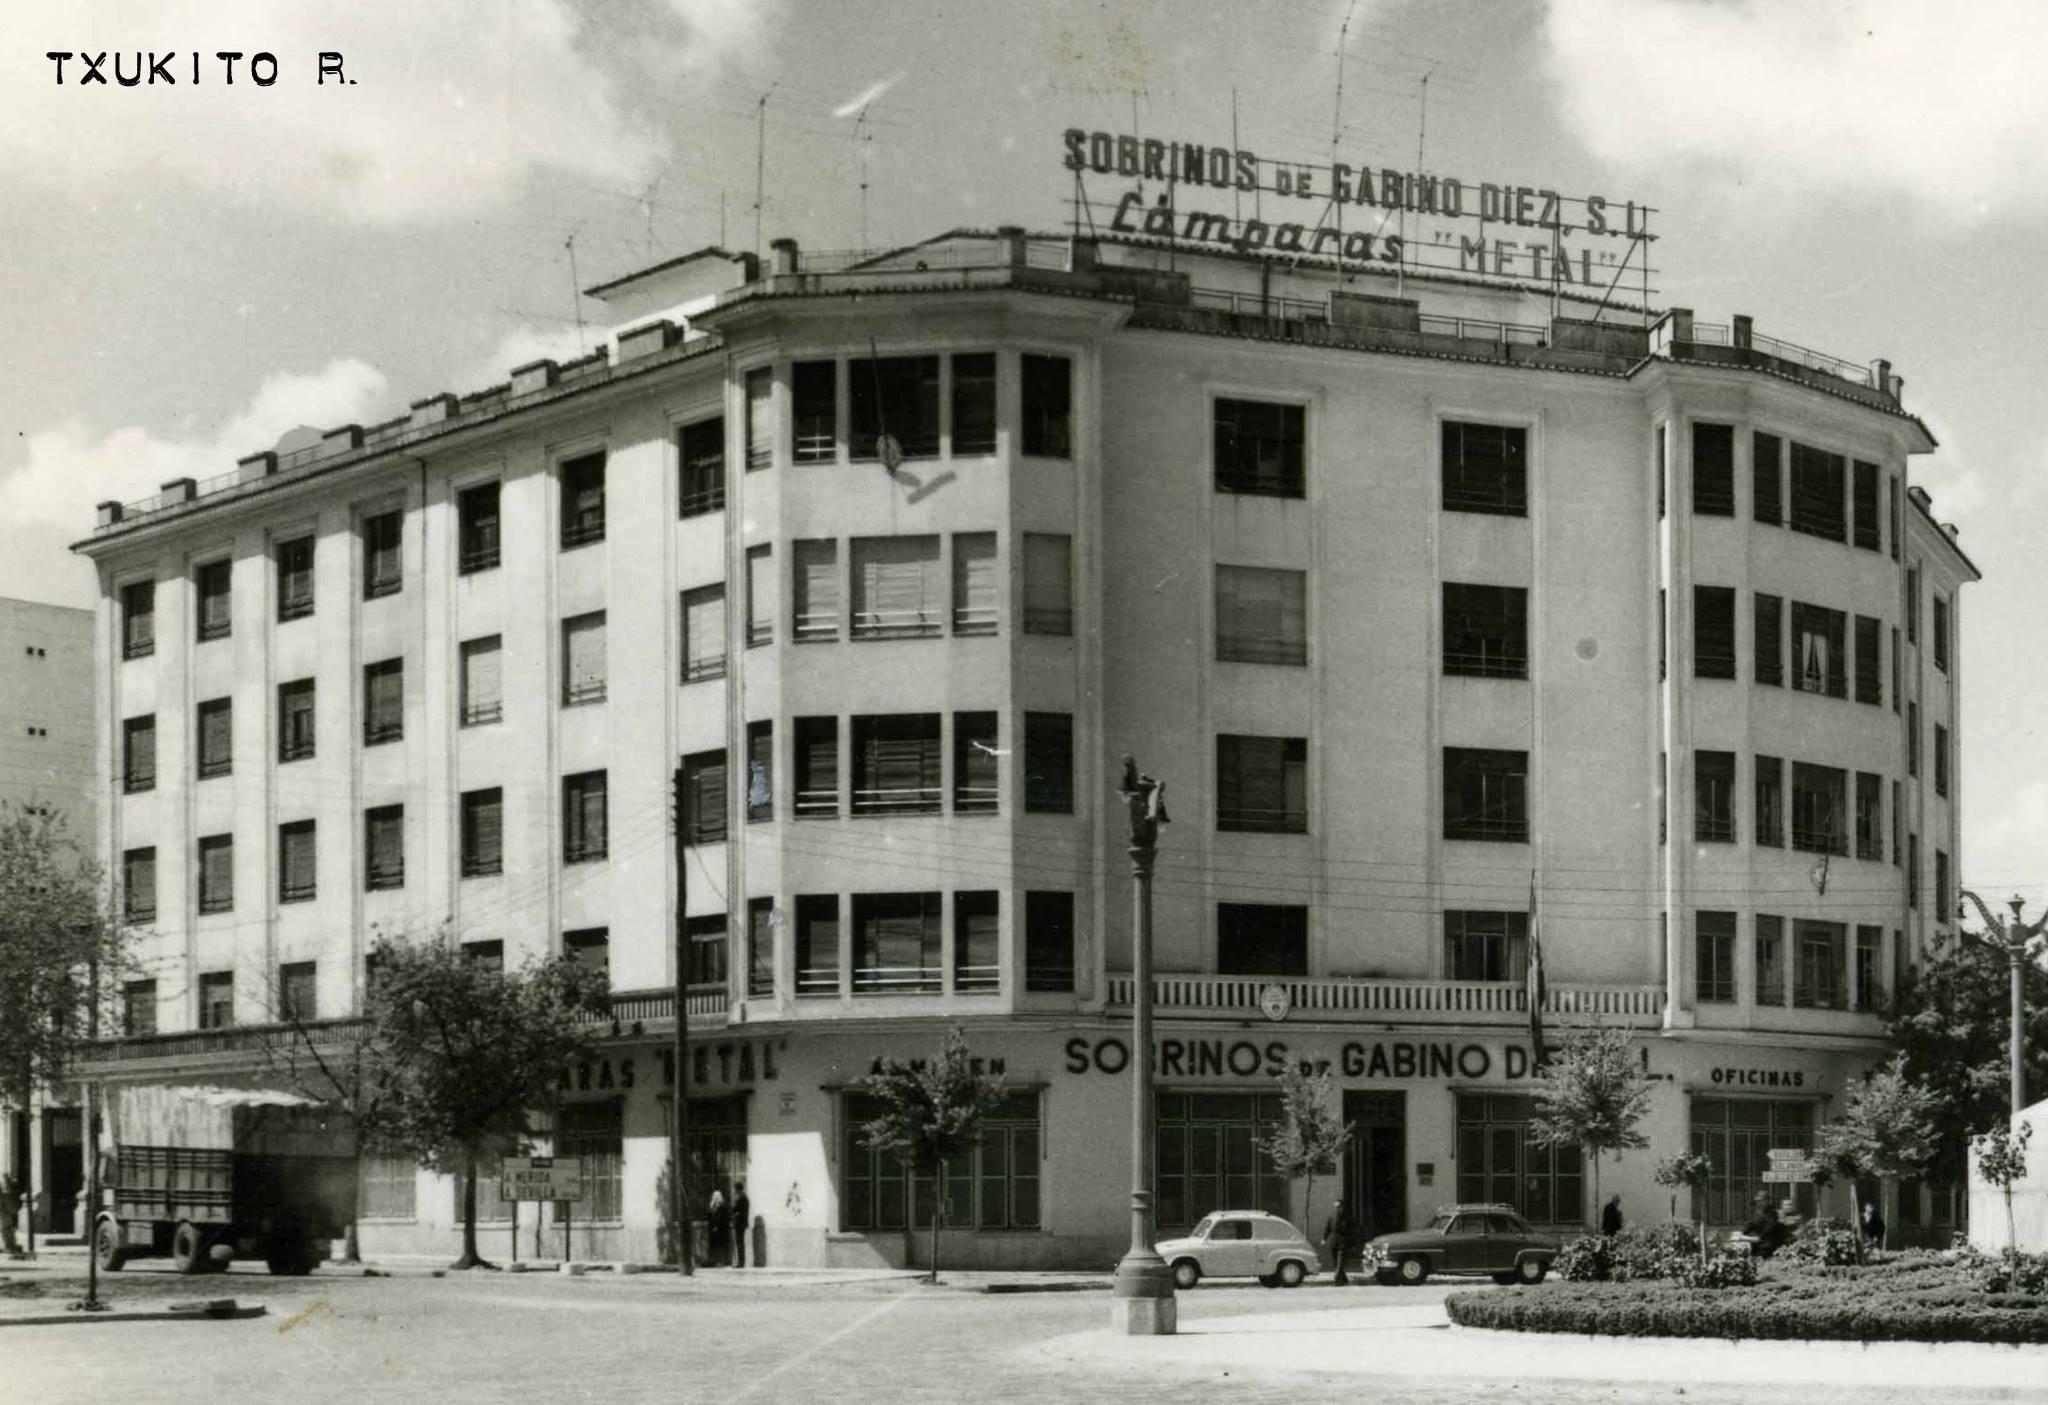 Edificio de Sobrinos de Gabino Diez en los 60